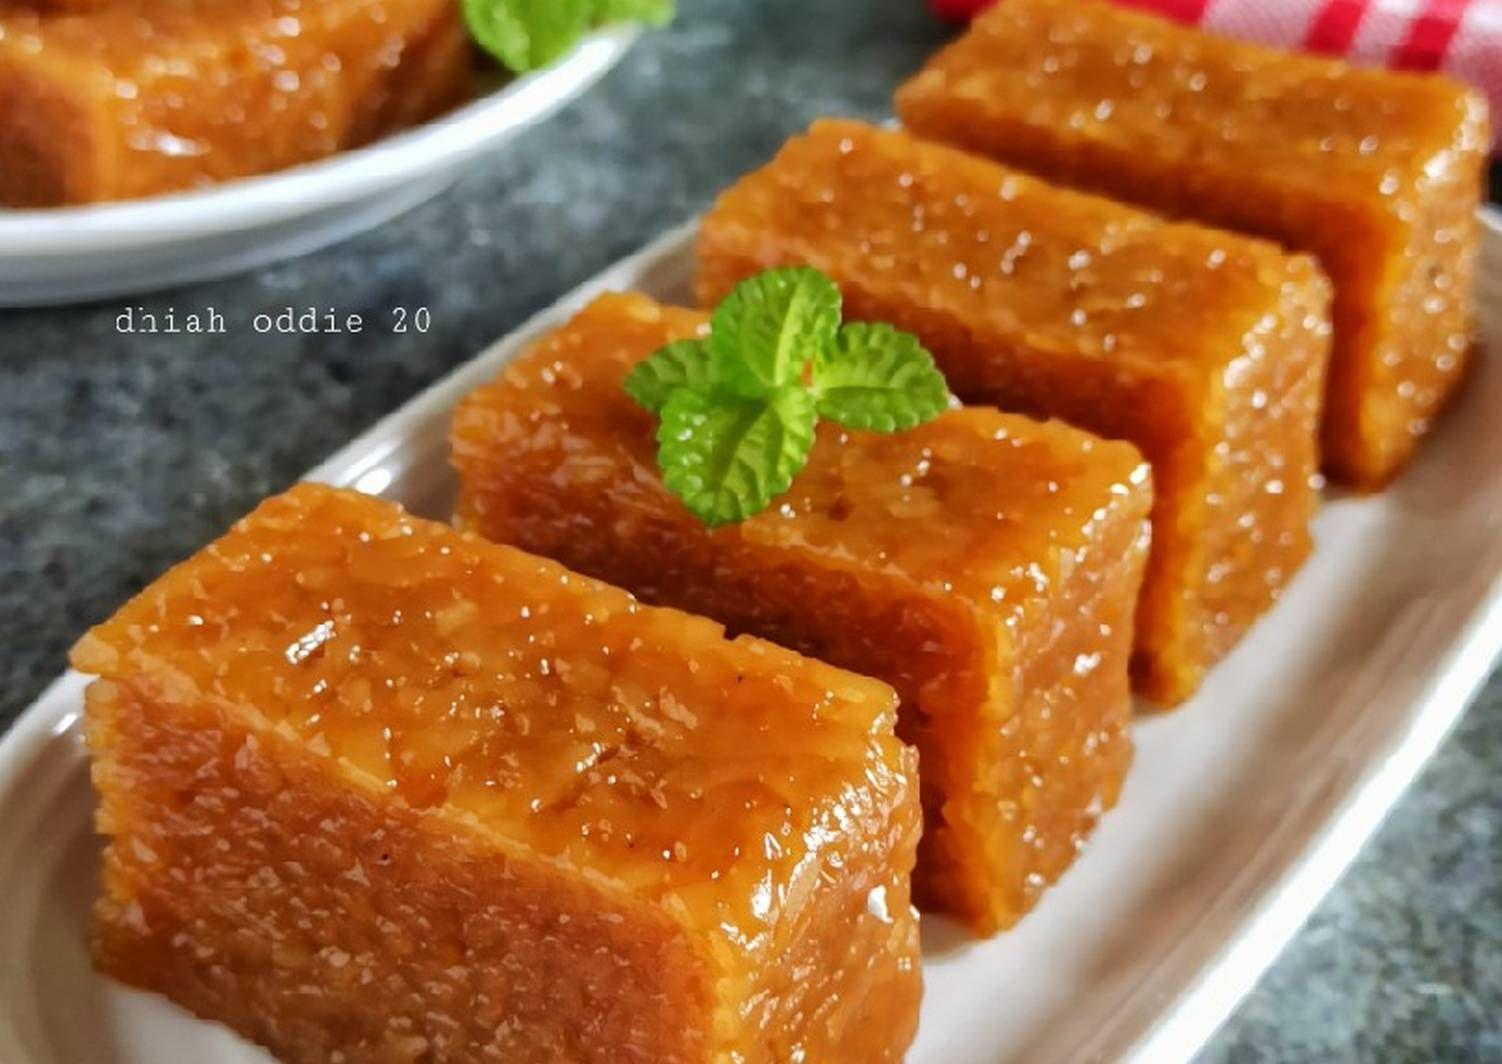 Resep Wajik Gula Merah Oleh Dhiah Oddie Resep Di 2020 Makanan Manis Gula Makanan